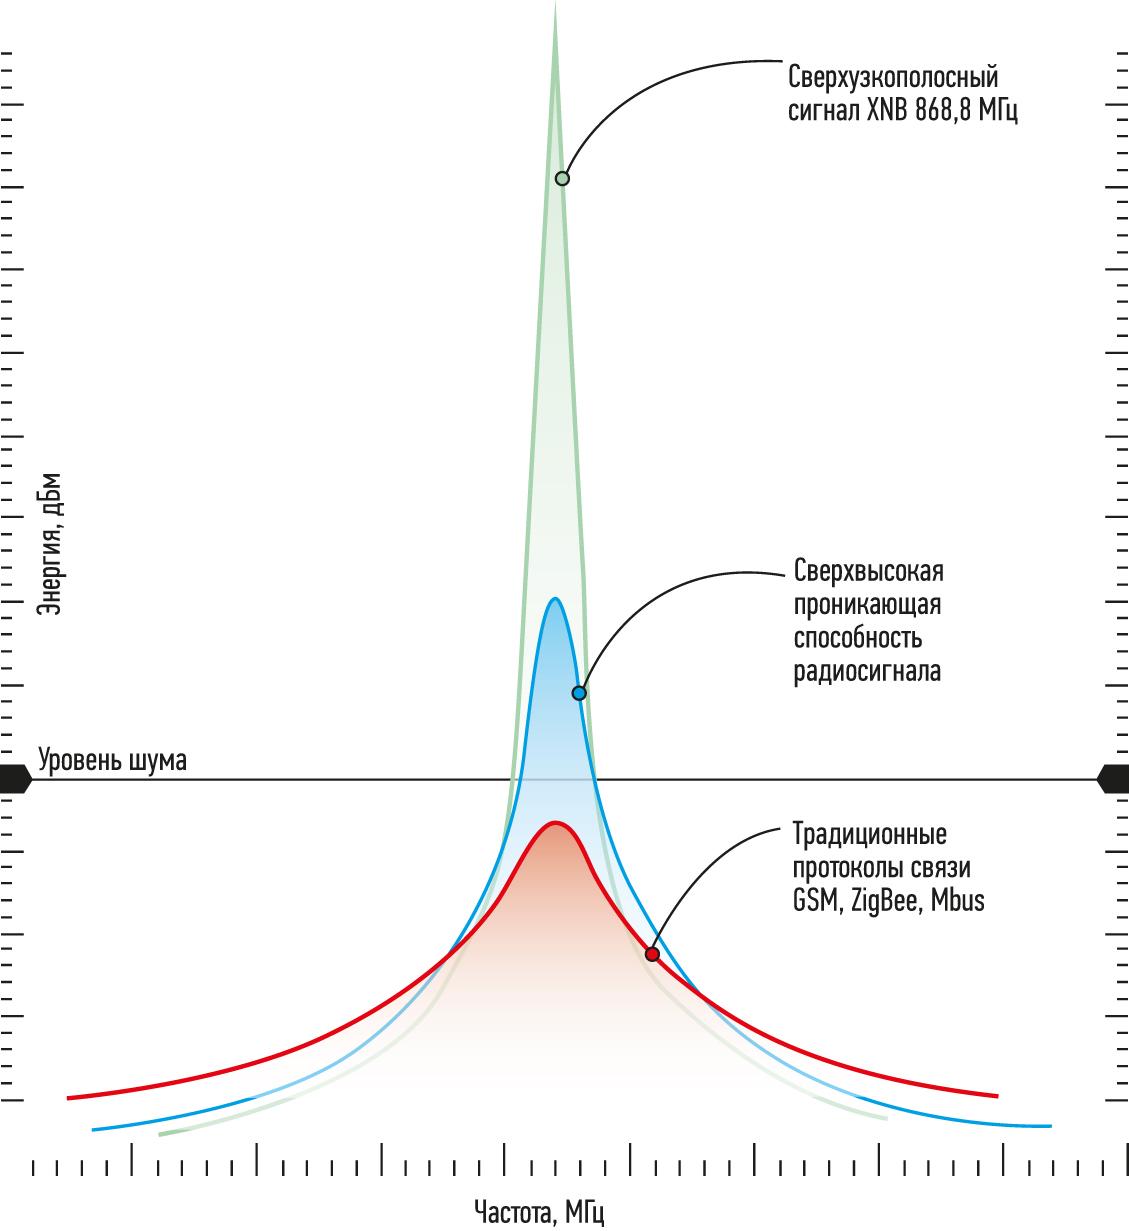 Характеристики сигнала XNB по энергии и частоте